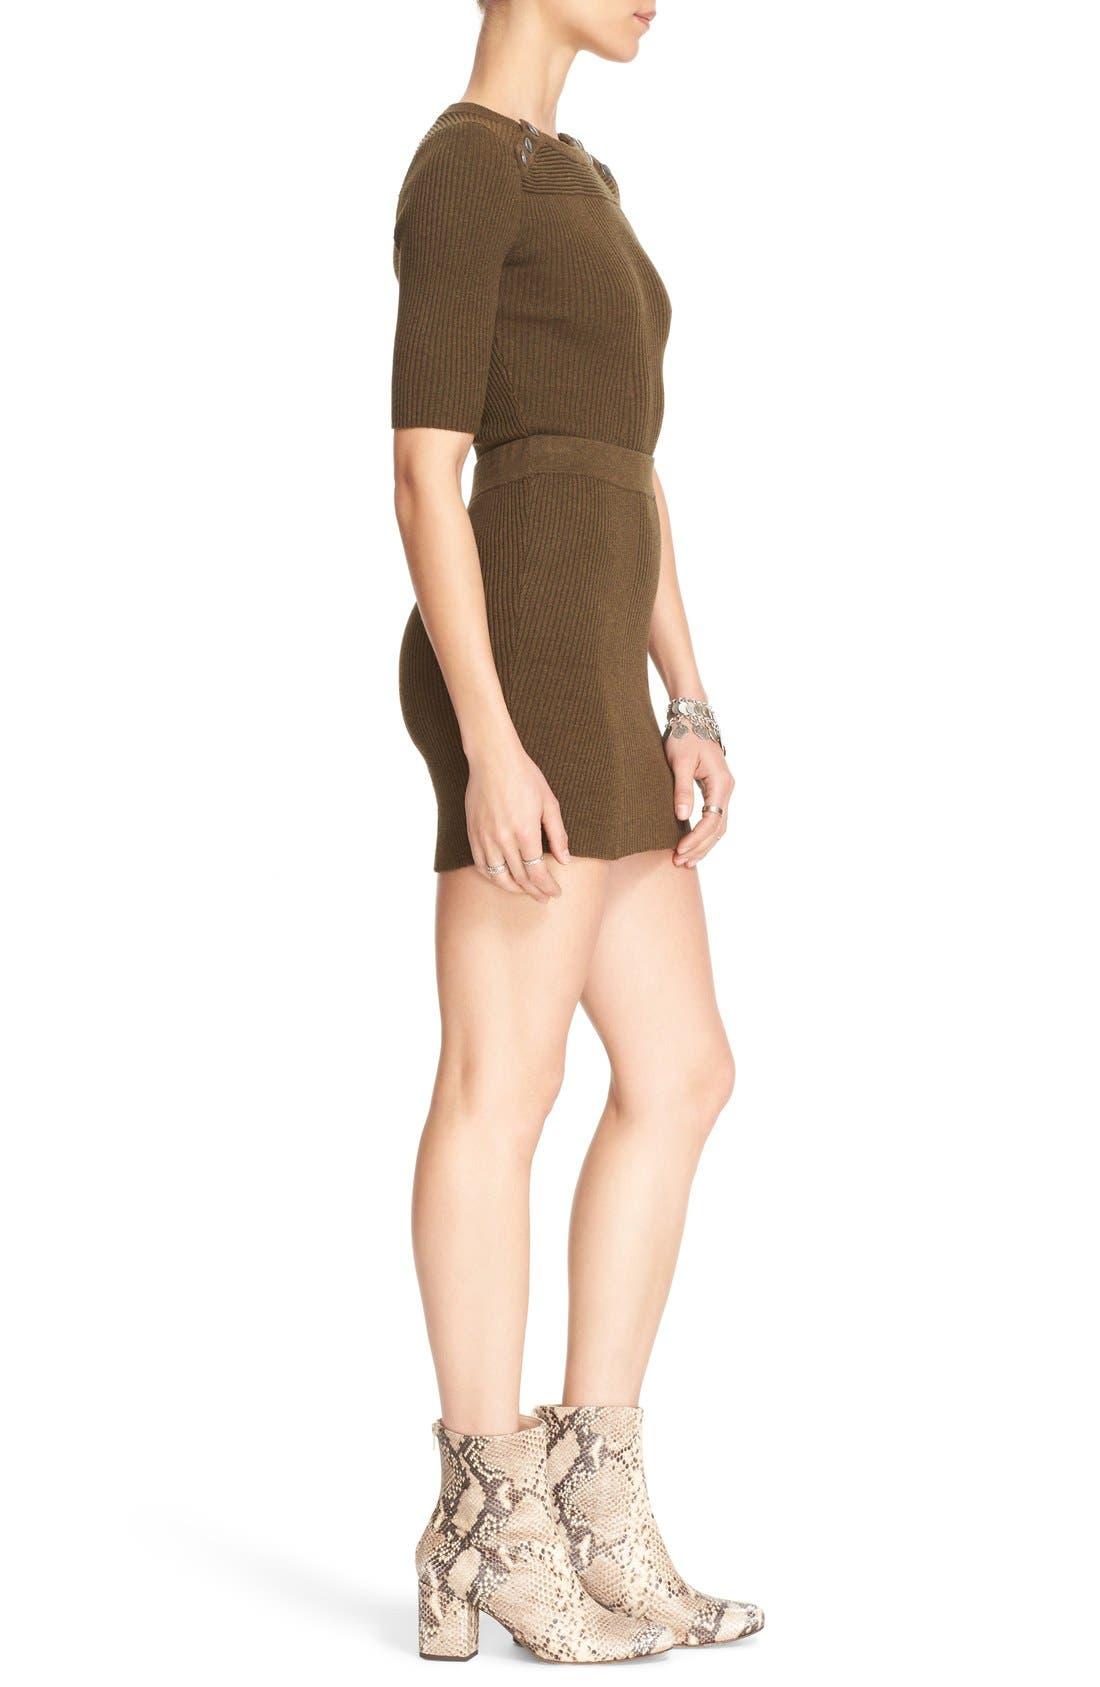 Alternate Image 3  - Free People 'Little Minx' Cotton Sweater & Miniskirt